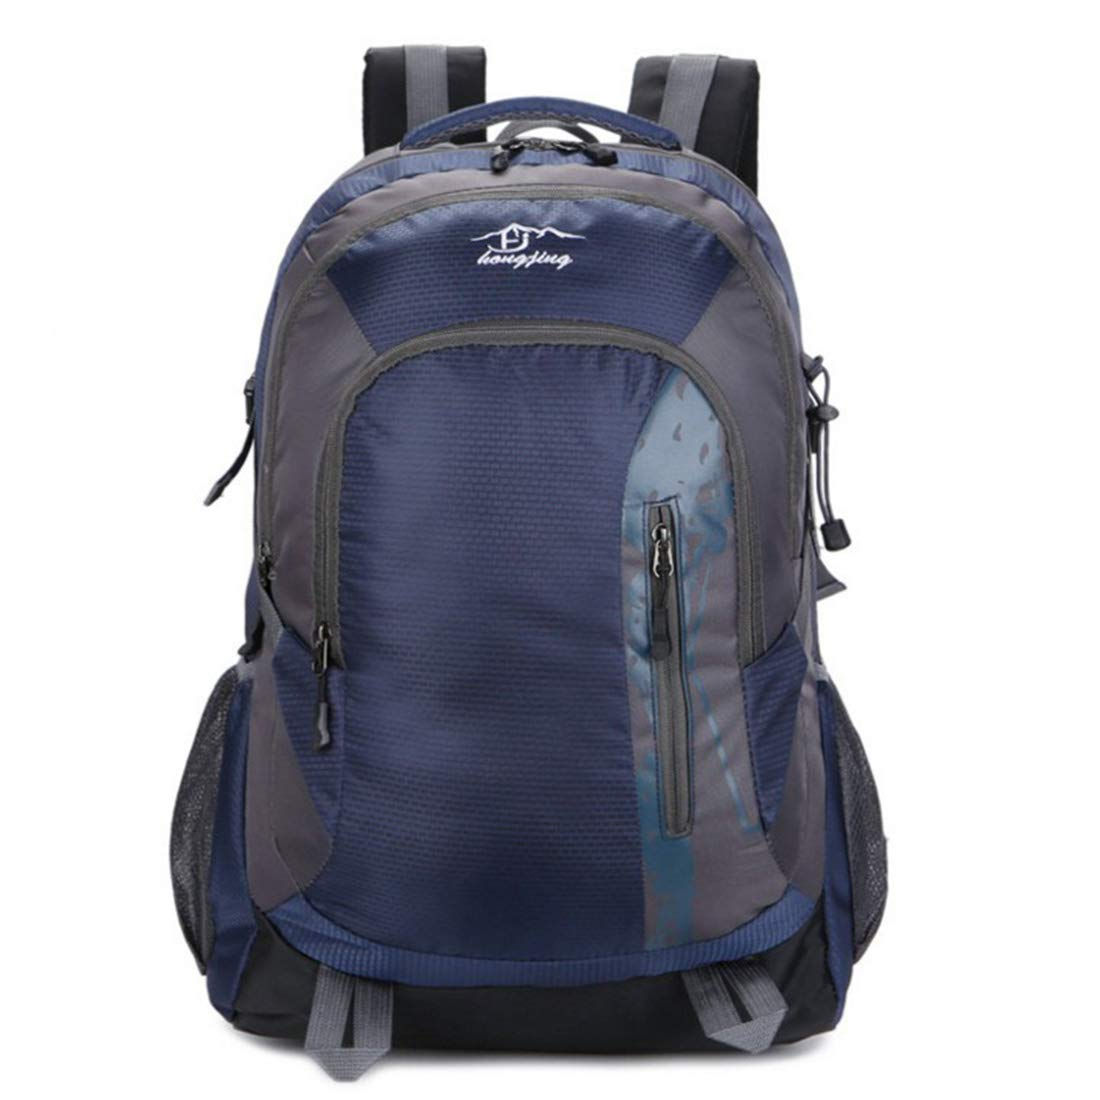 Kunliyin YY1 Outdoor Sports Wasserdichte Doppel Schulter Bergsteigenbeutel (Farbe : Dark Blau)